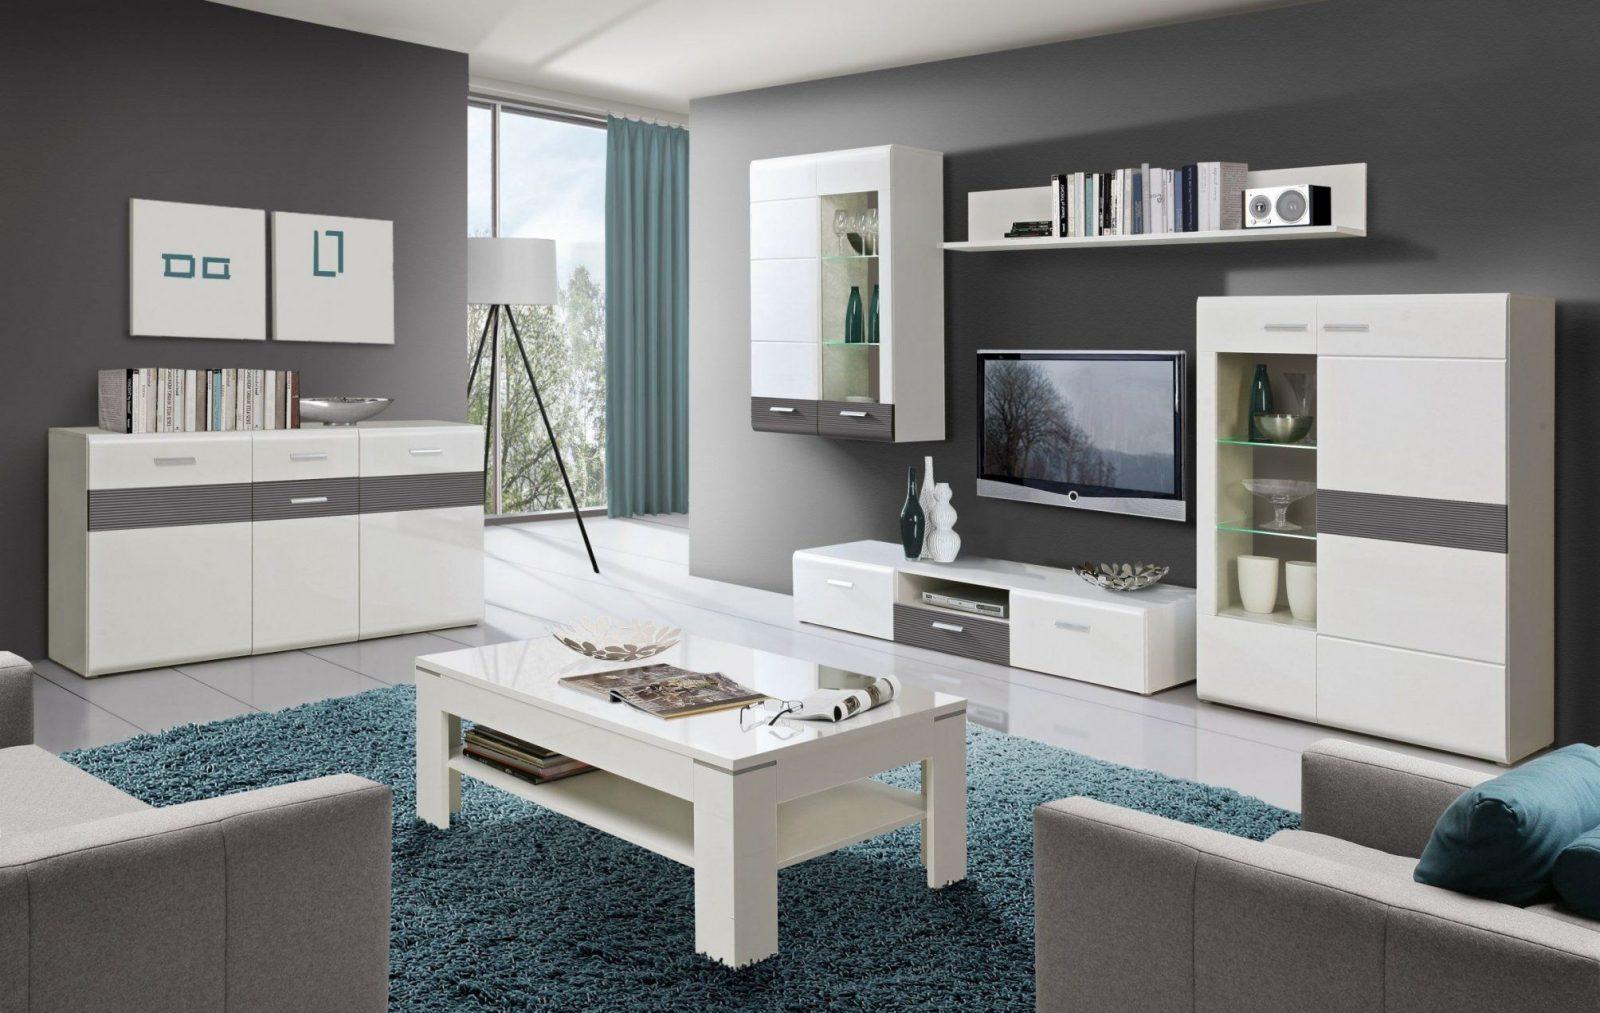 Fantastisch ... Cozy Design Wohnzimmer Grau Weiß Streichen Home Design Ideas Von Wohnzimmer  Grau Weiß Streichen Bild ...